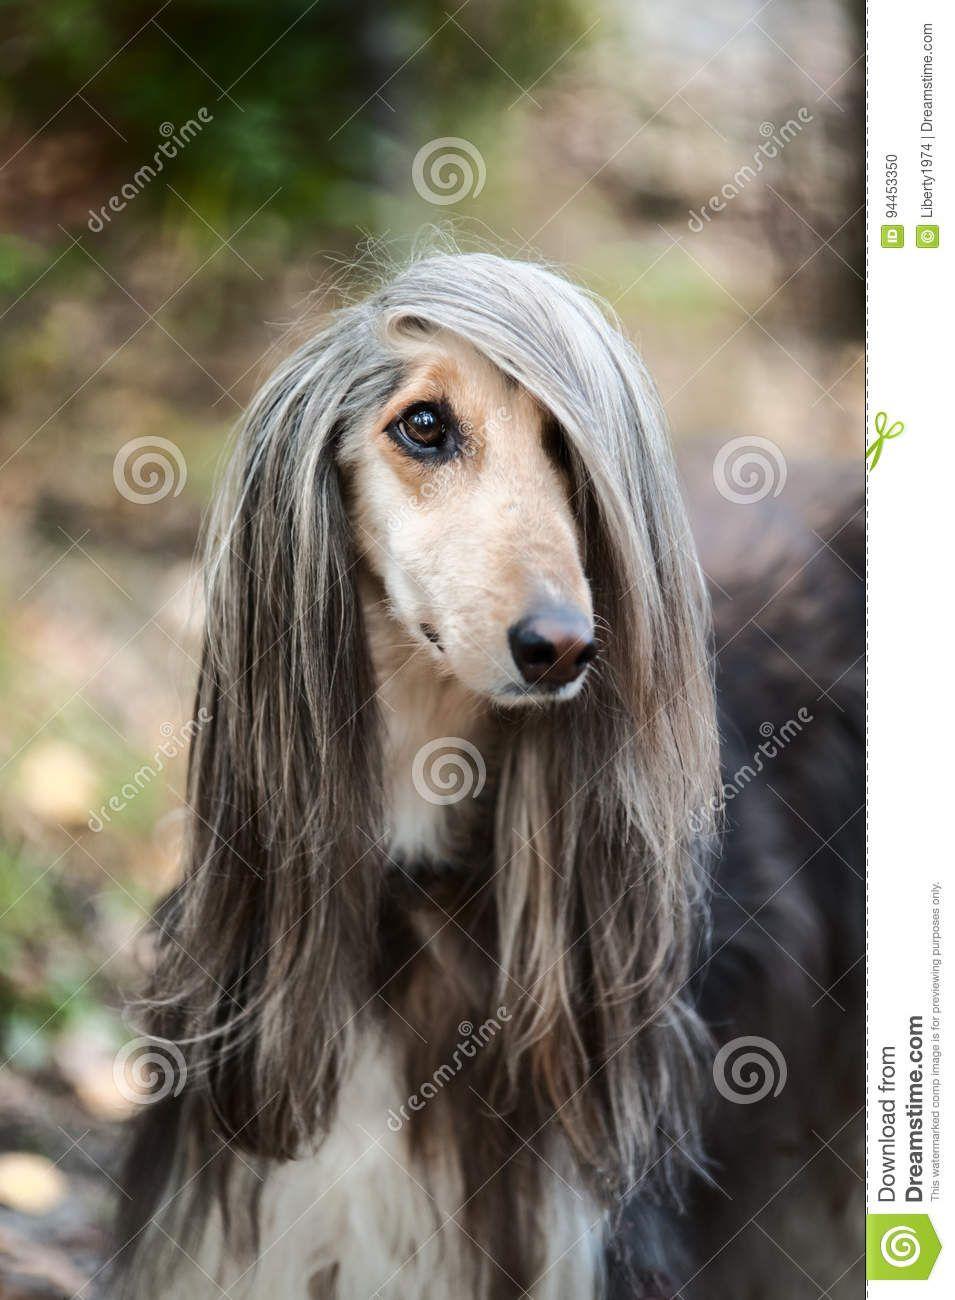 Pin By Trickysushi On Furry Ideas Grey Hound Dog Afghan Hound Afghan